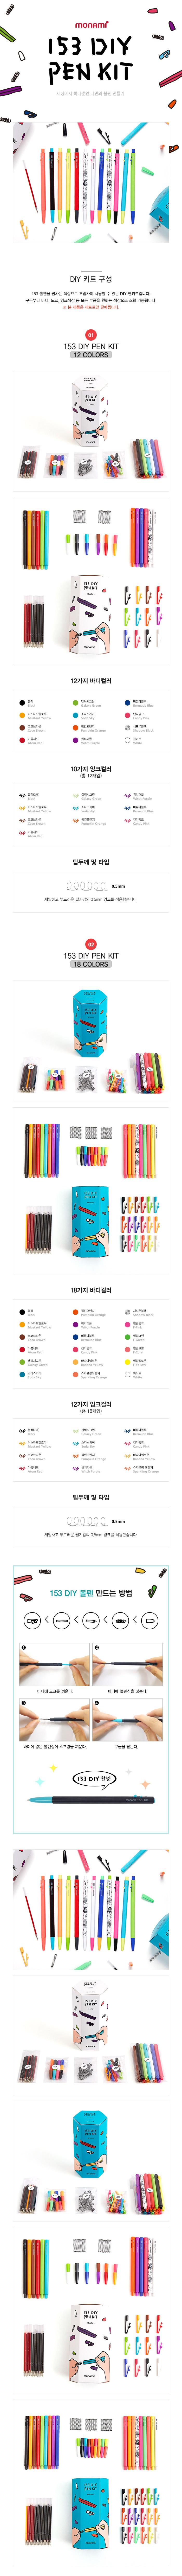 153 DIY PEN KIT (12본입) - 모나미, 6,000원, 볼펜, 볼펜 세트